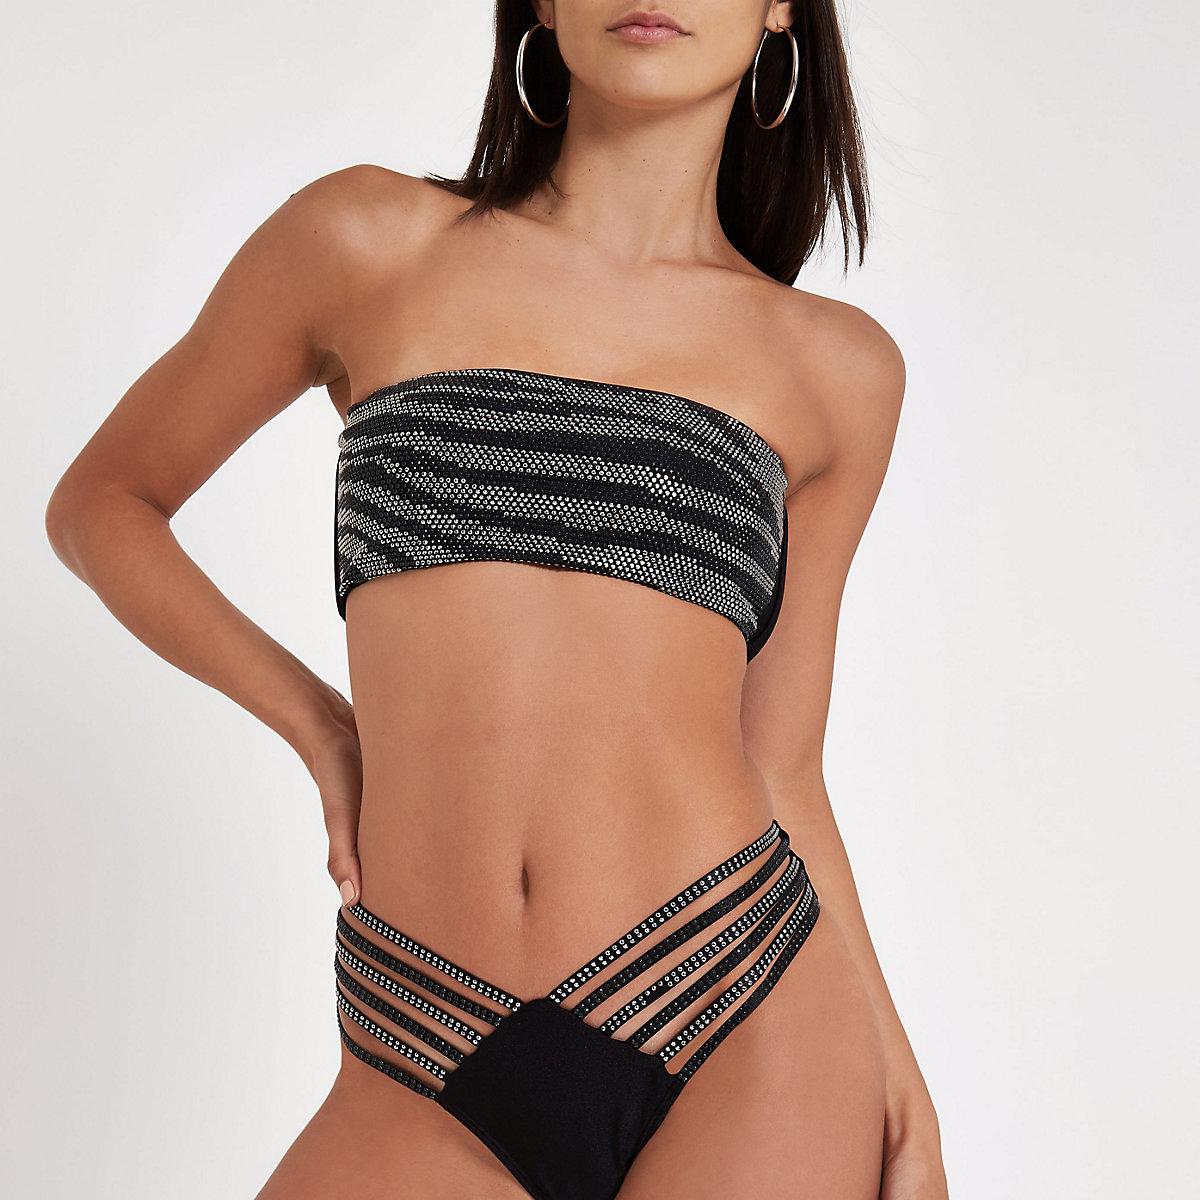 Zwarte bandeau verfraaide bikinitop met pailletten